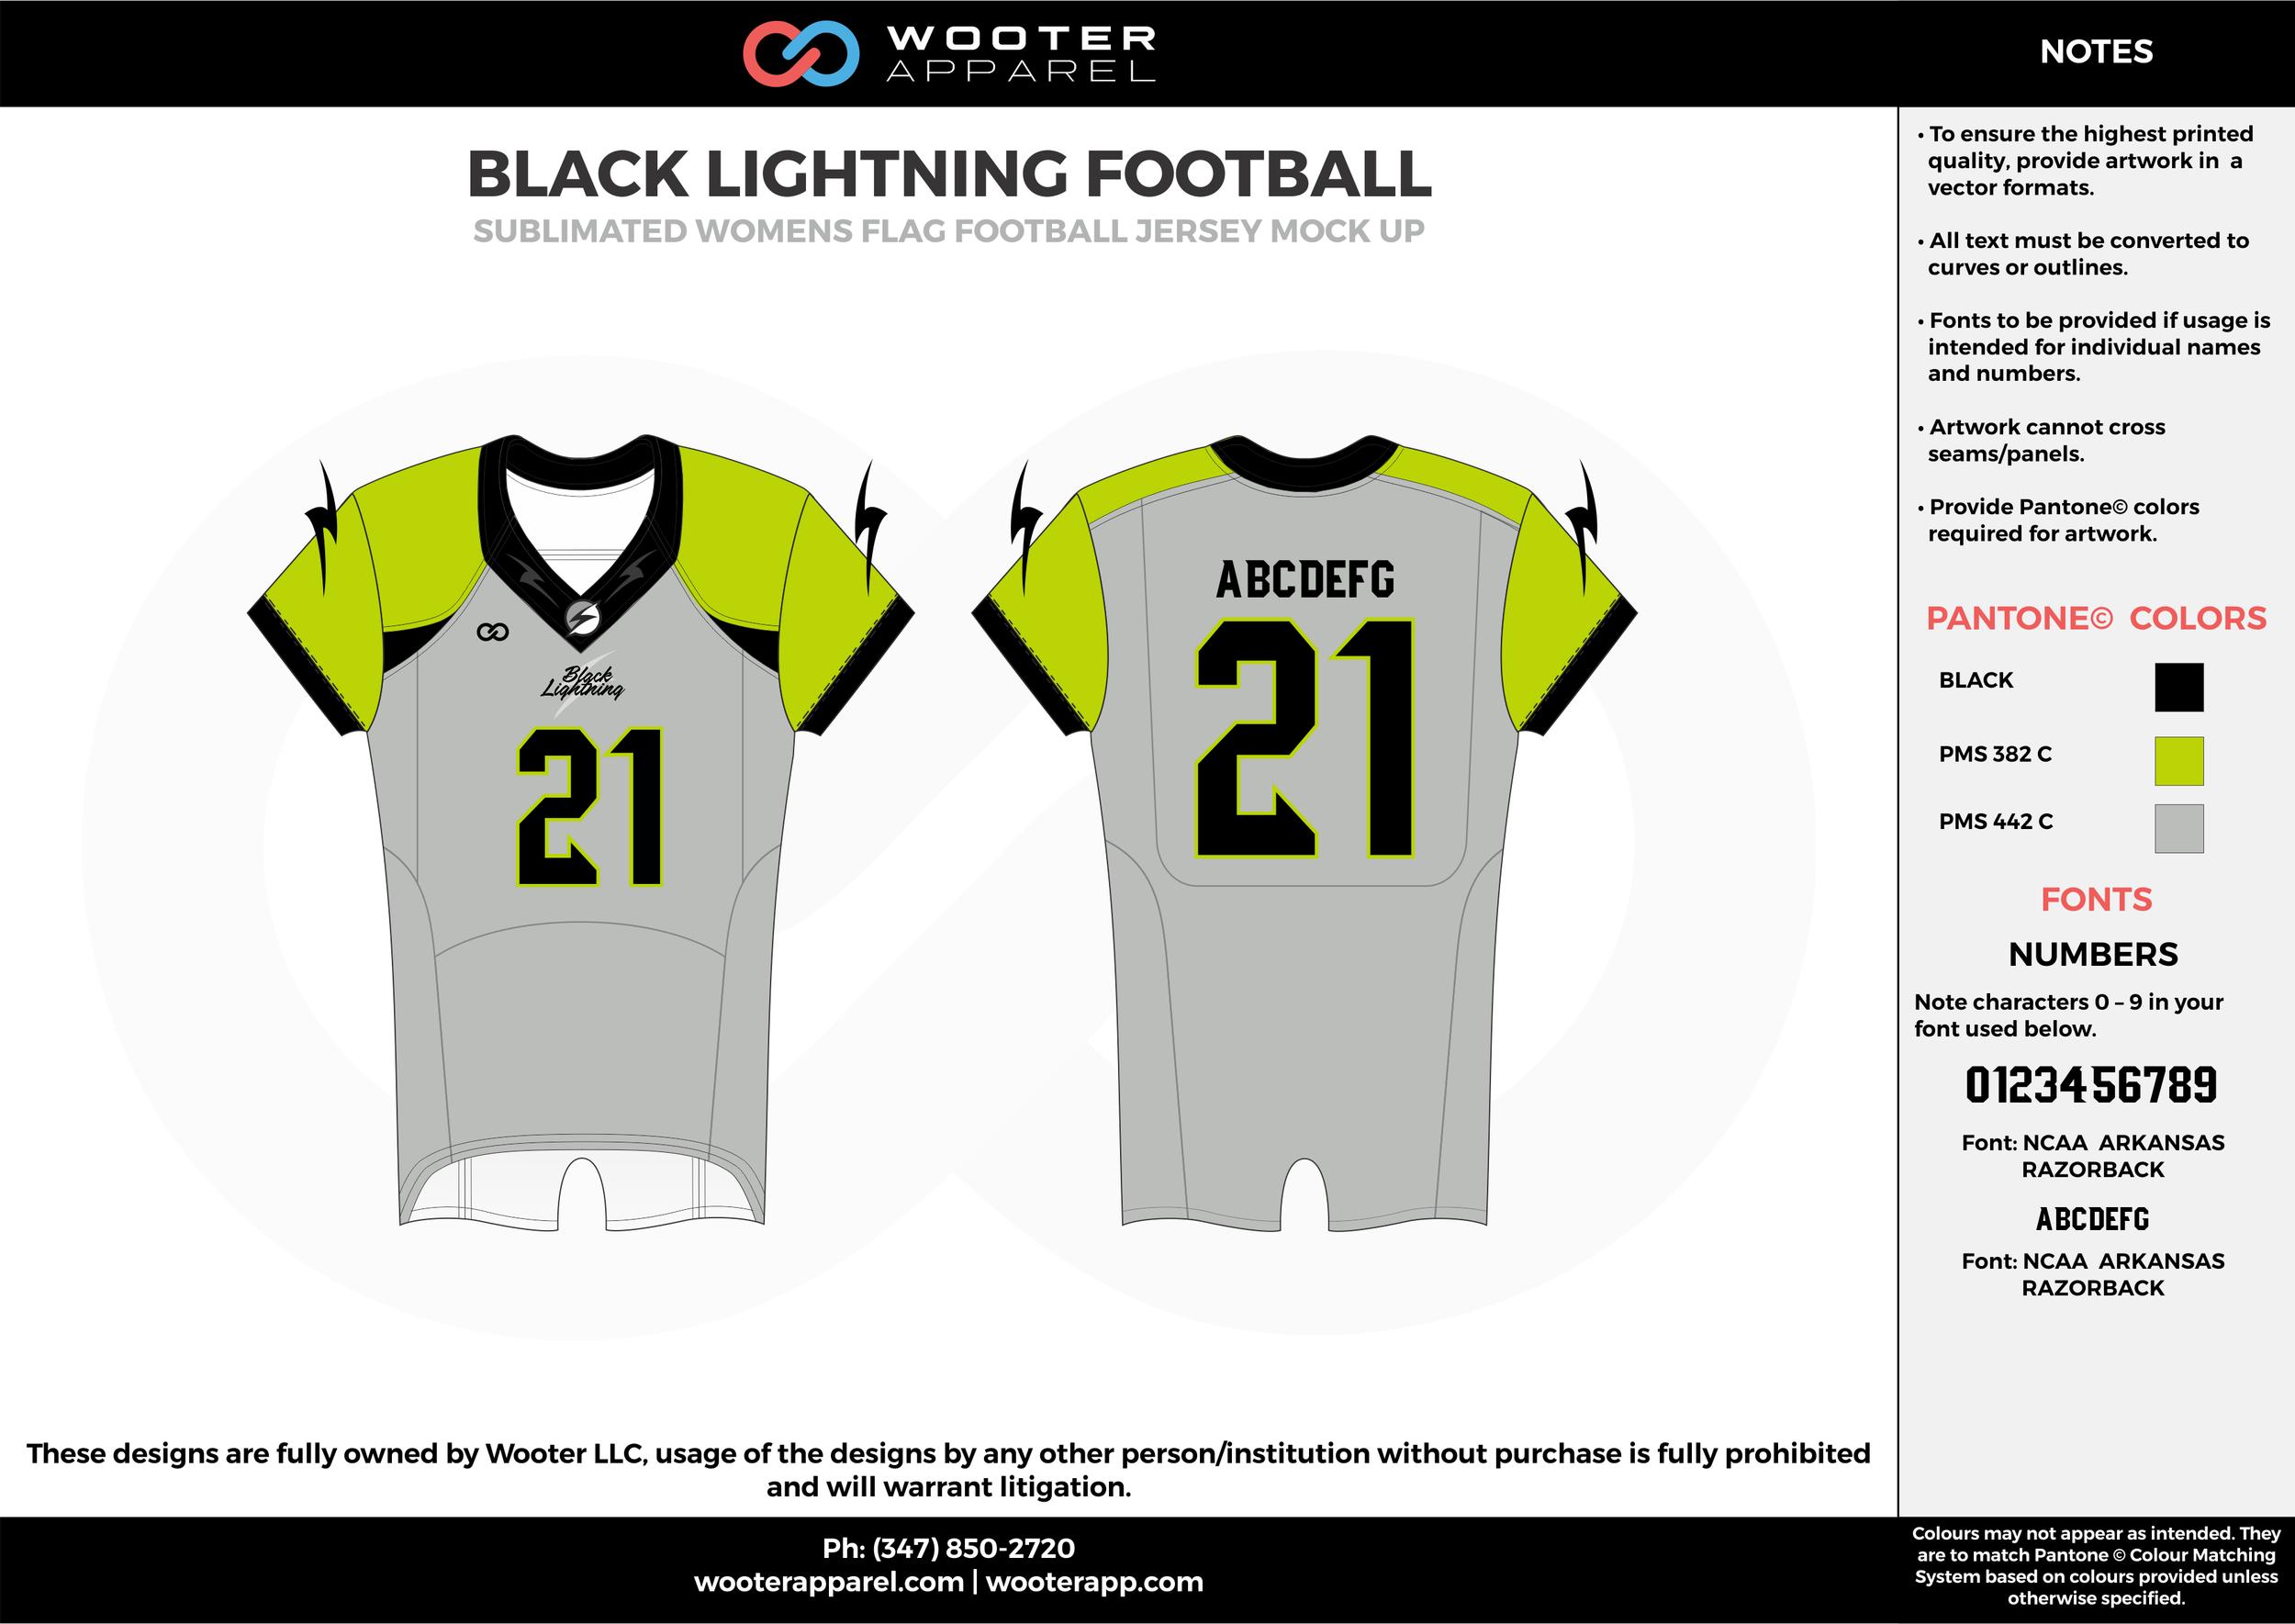 BLACK LIGHTNING FOOTBALL green gray black flag football uniforms jerseys top